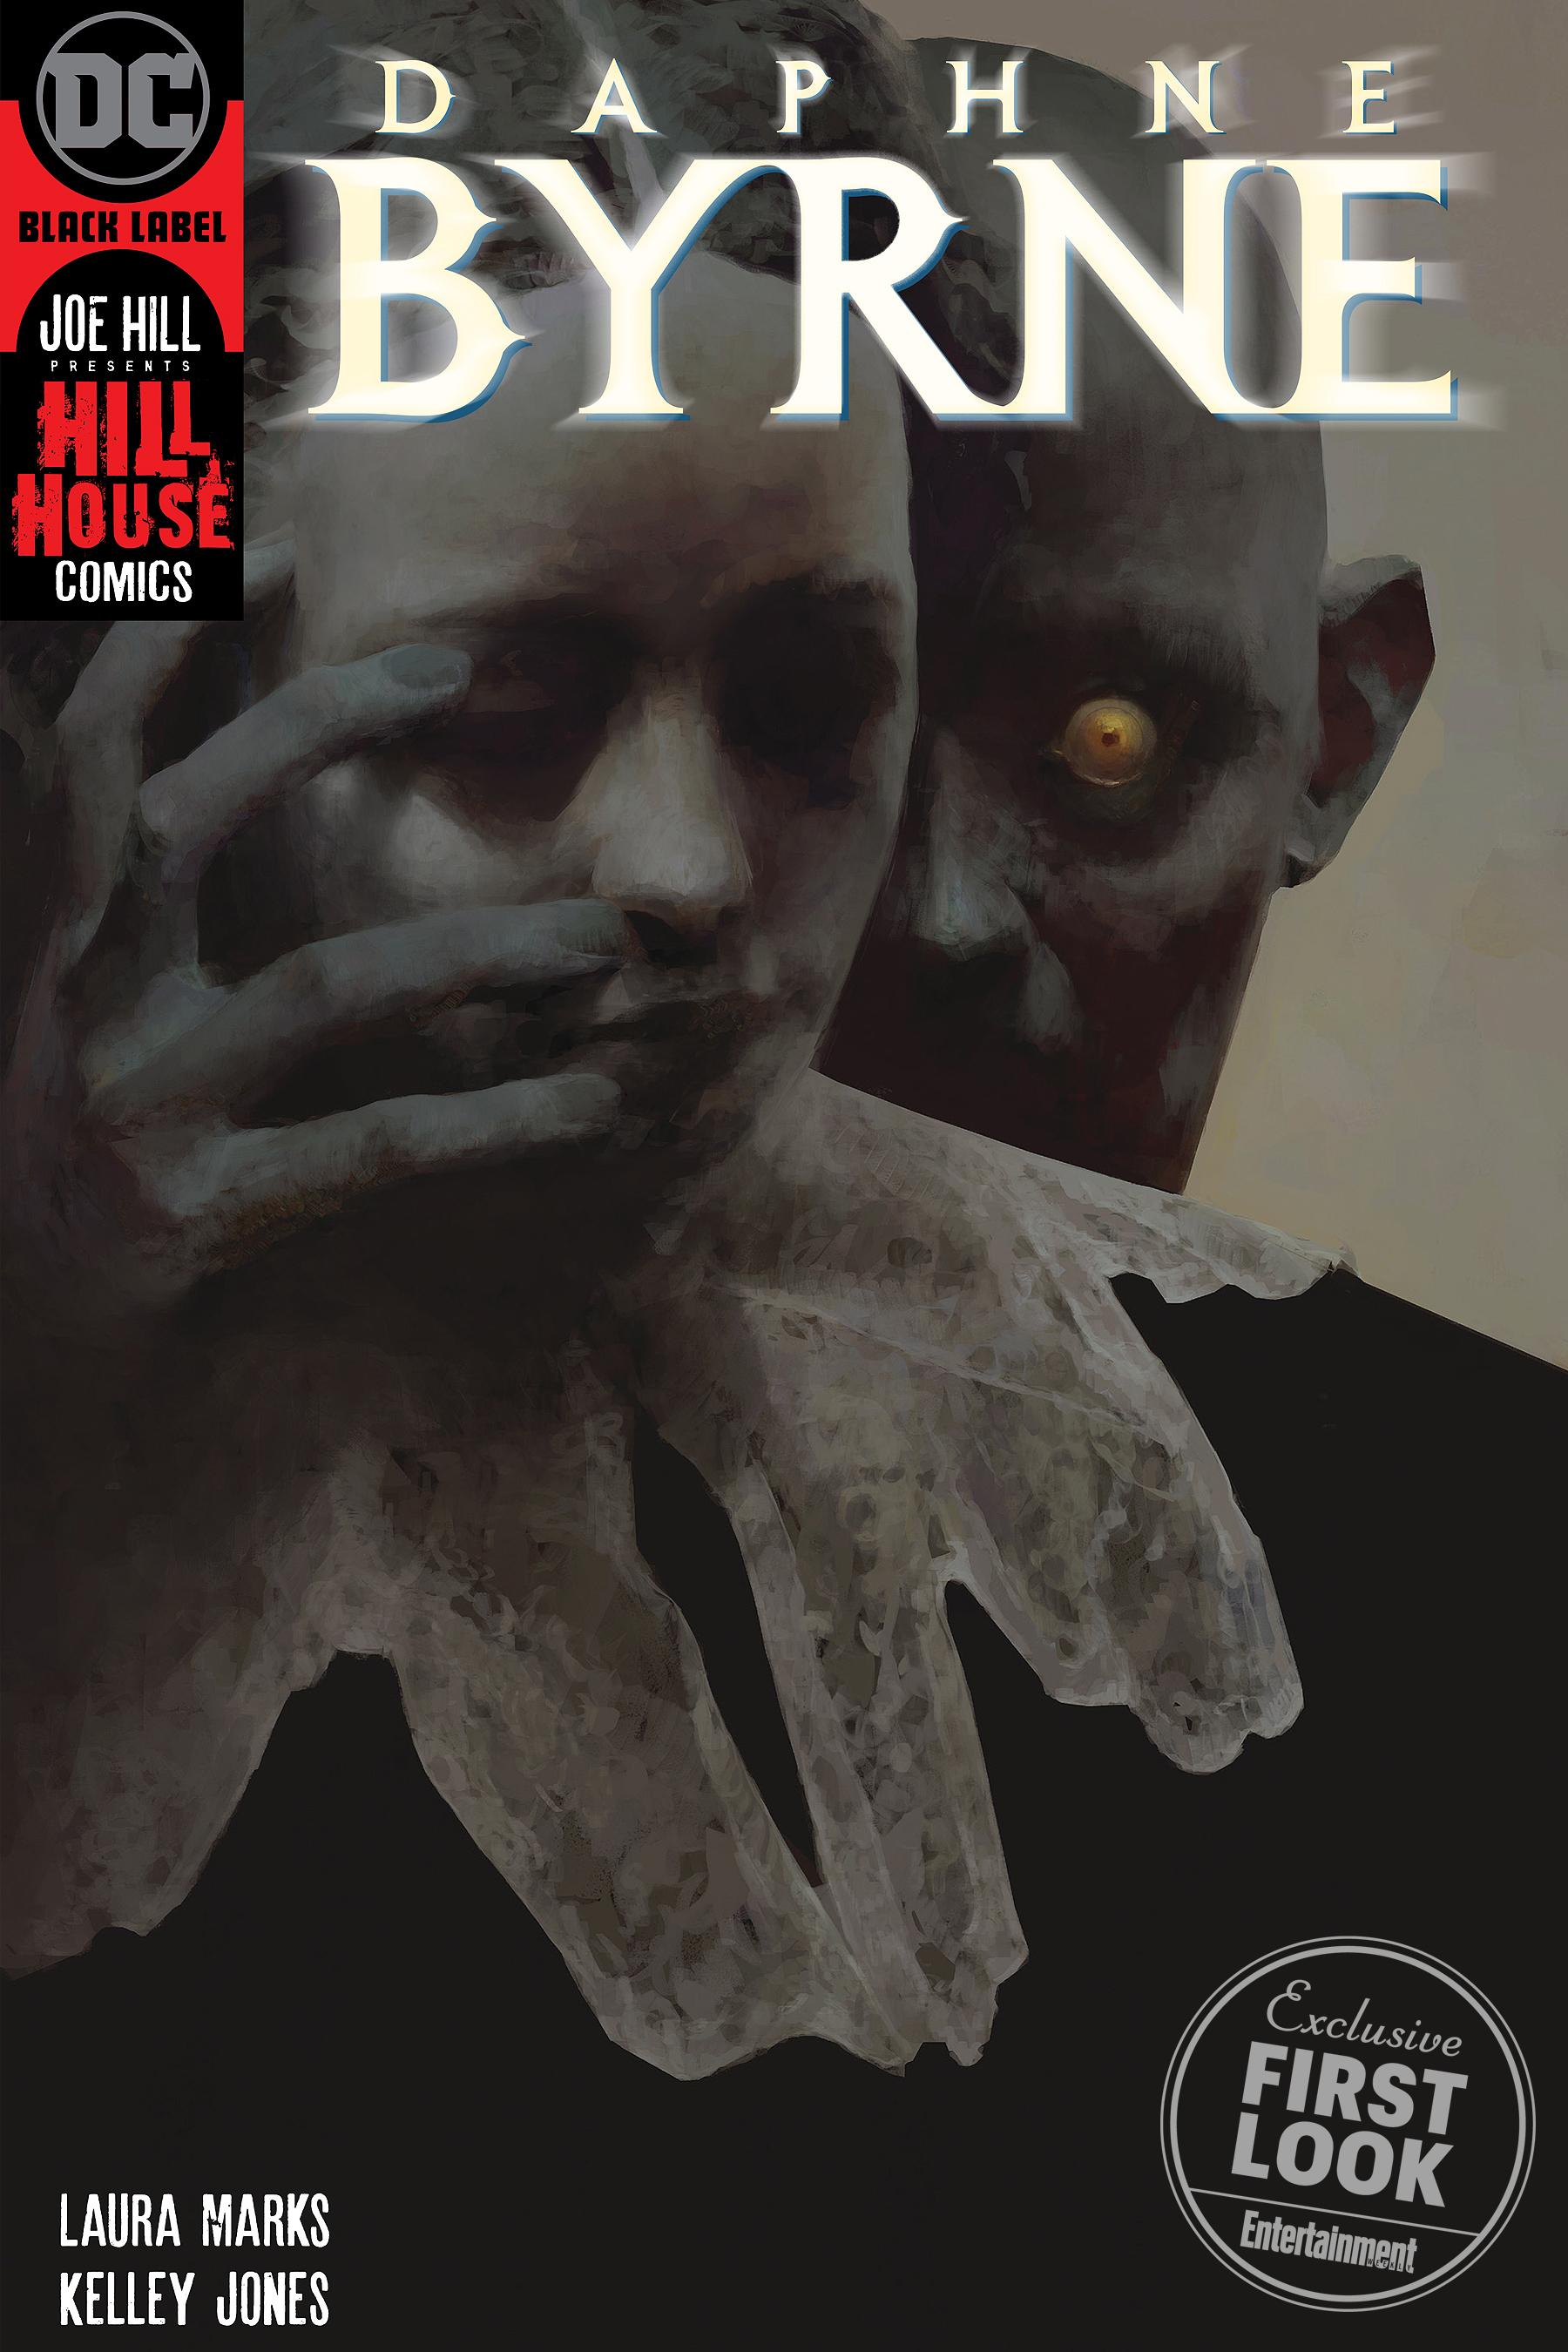 Джо Хилл станет куратором серии хоррор-комиксов DC 3